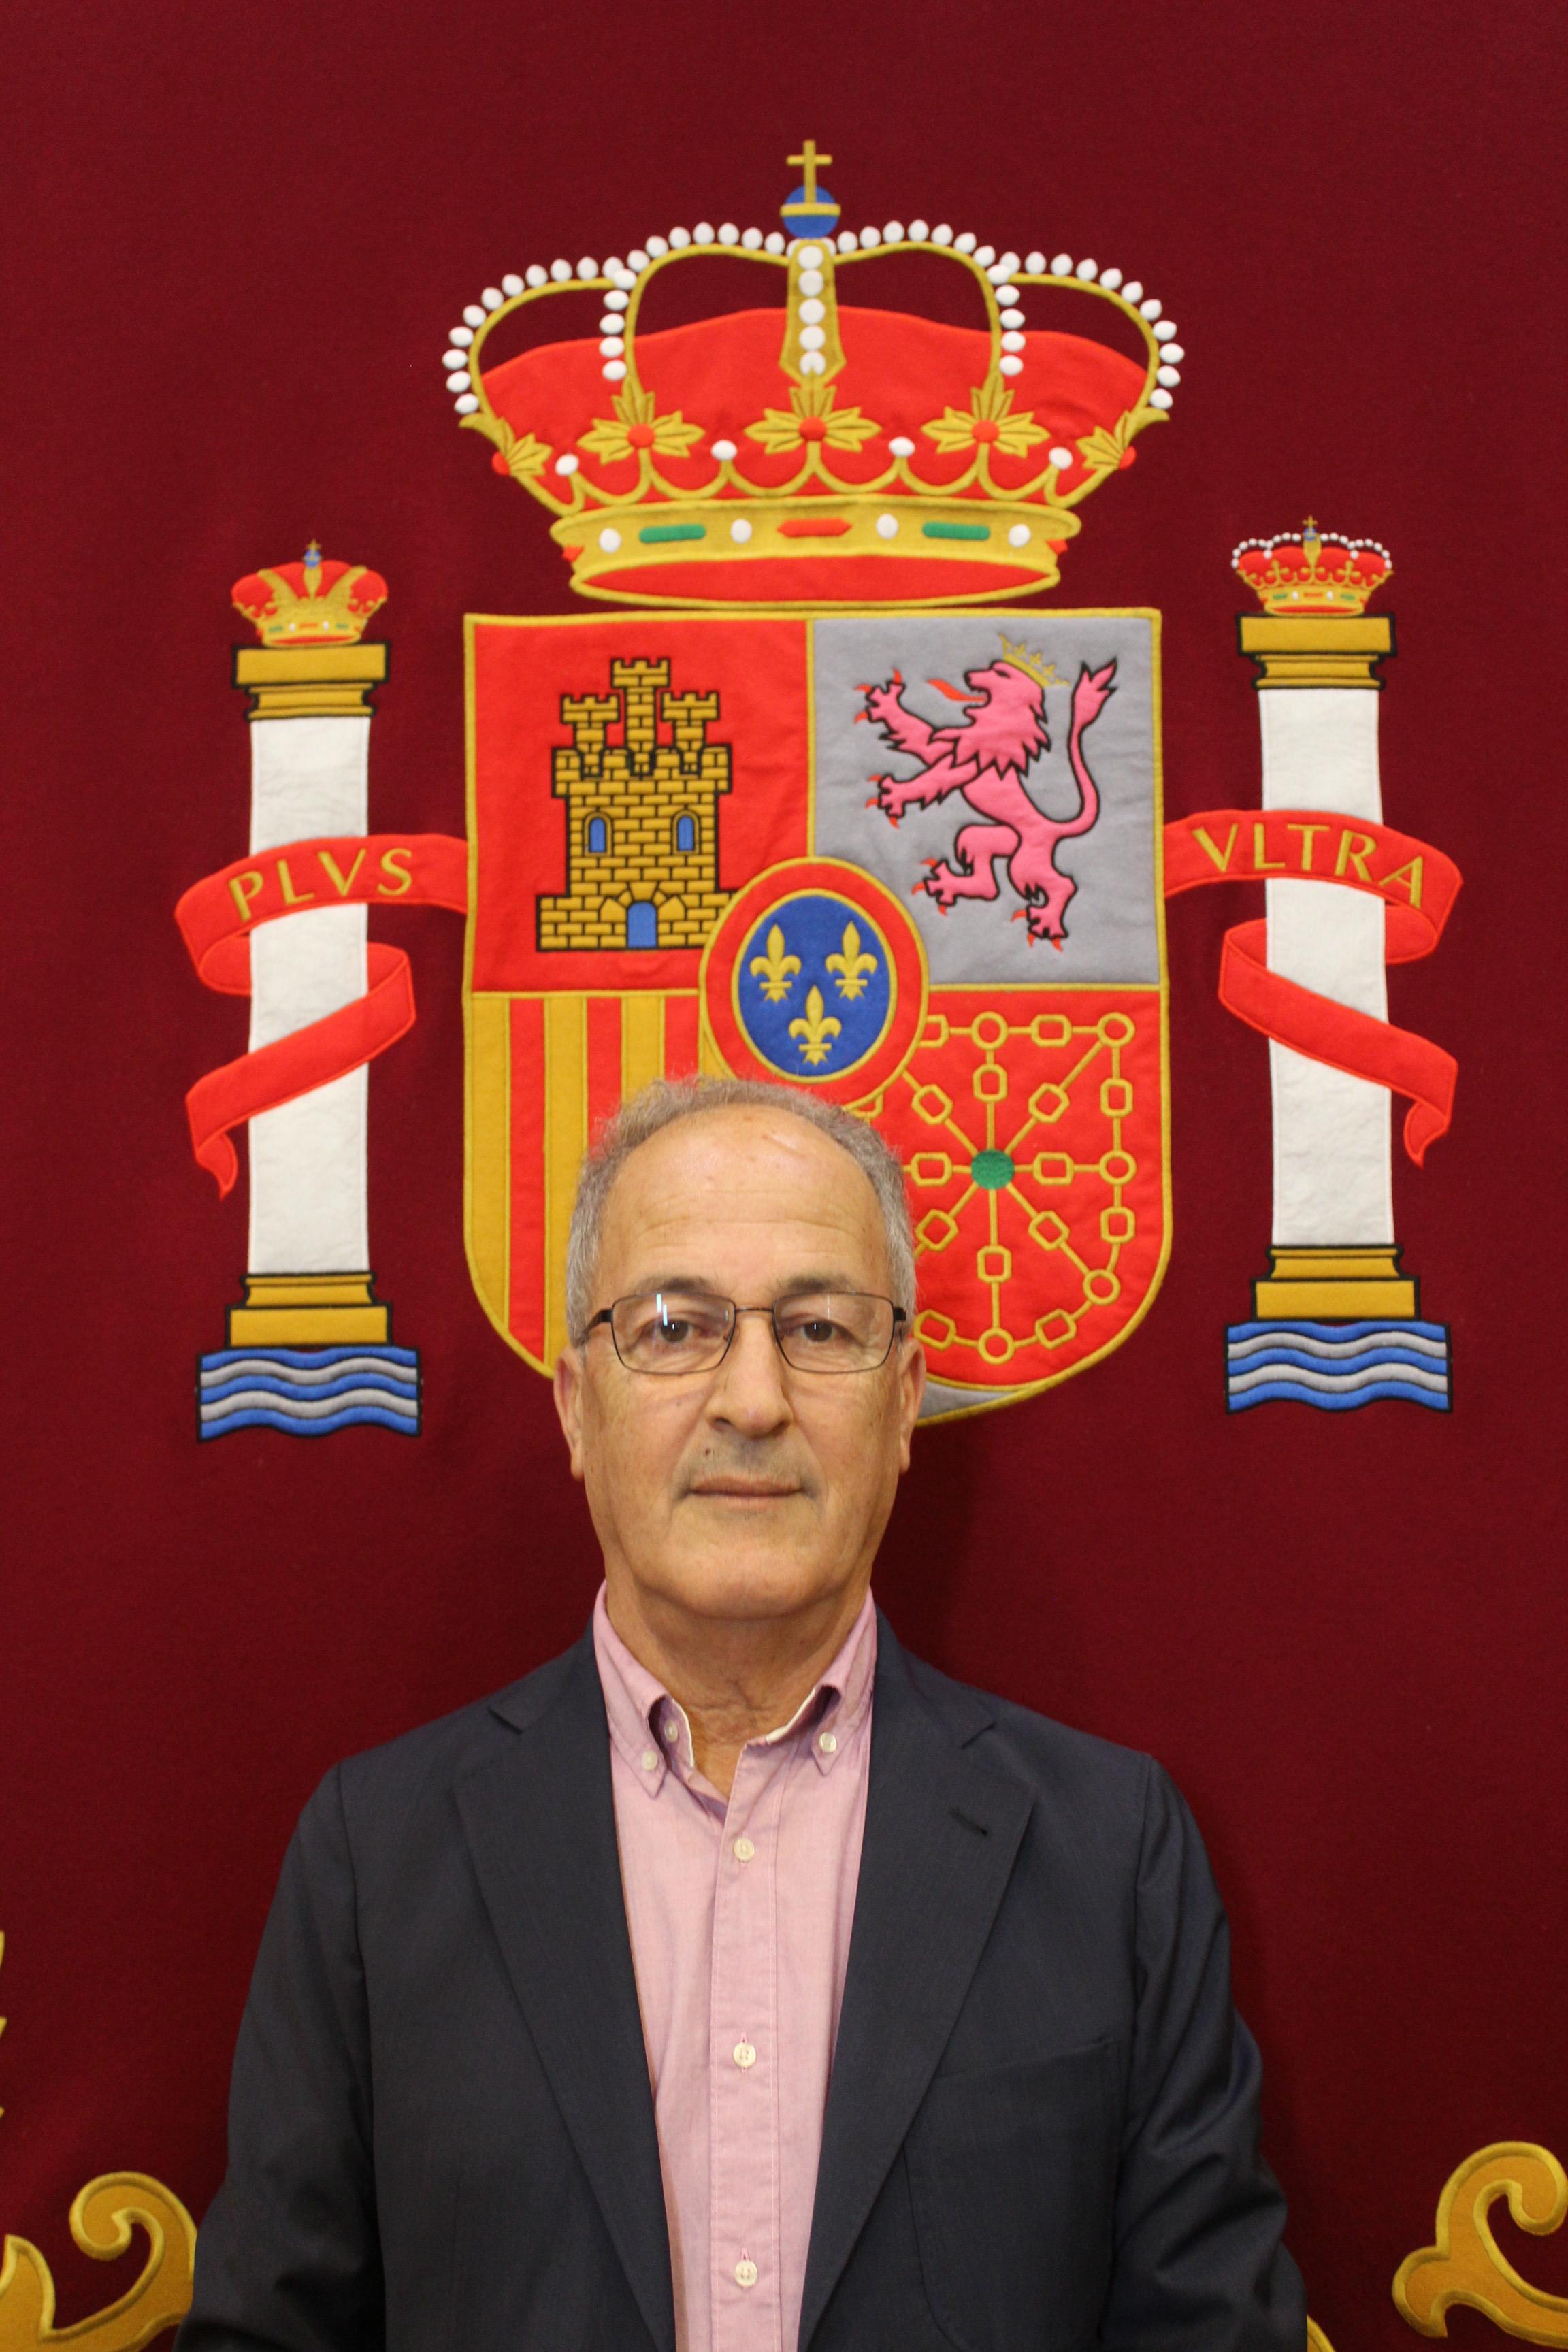 16. Mustafá Bouadi Lieftj PSOE